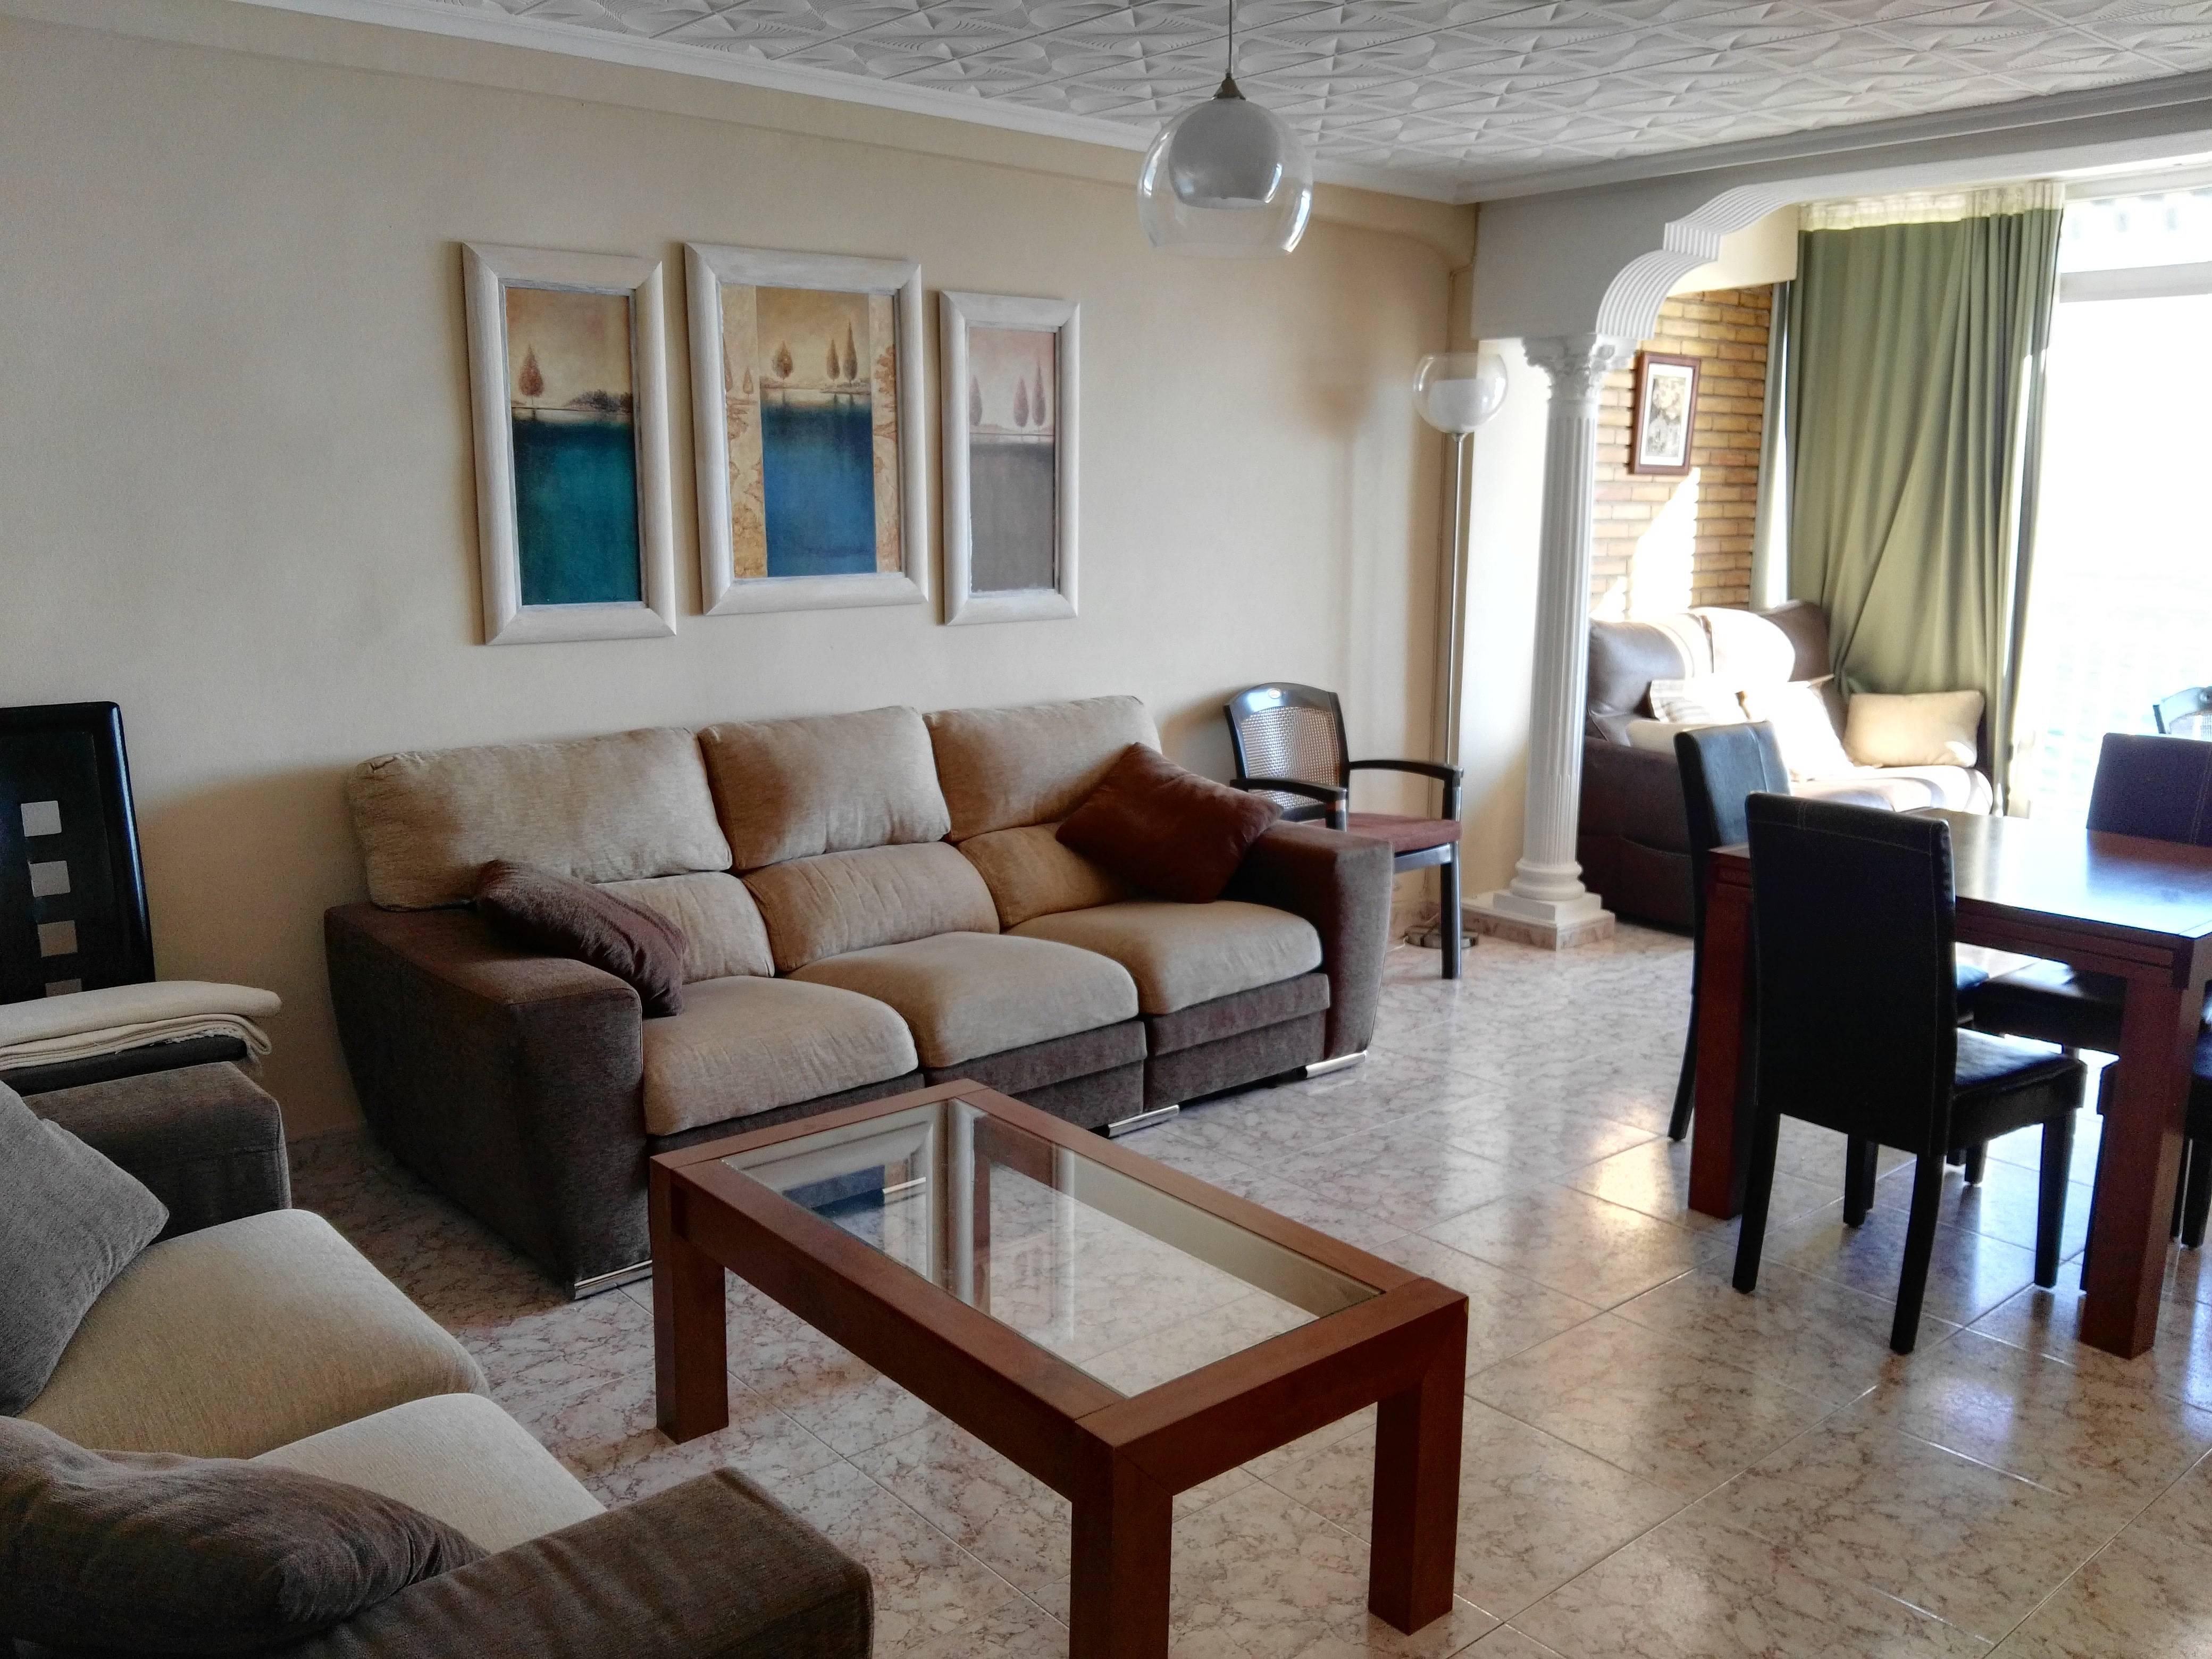 Apartamento en alquiler en 1a l nea de playa benidorm alicante costa blanca - Alquiler de apartamentos en benidorm particulares ...